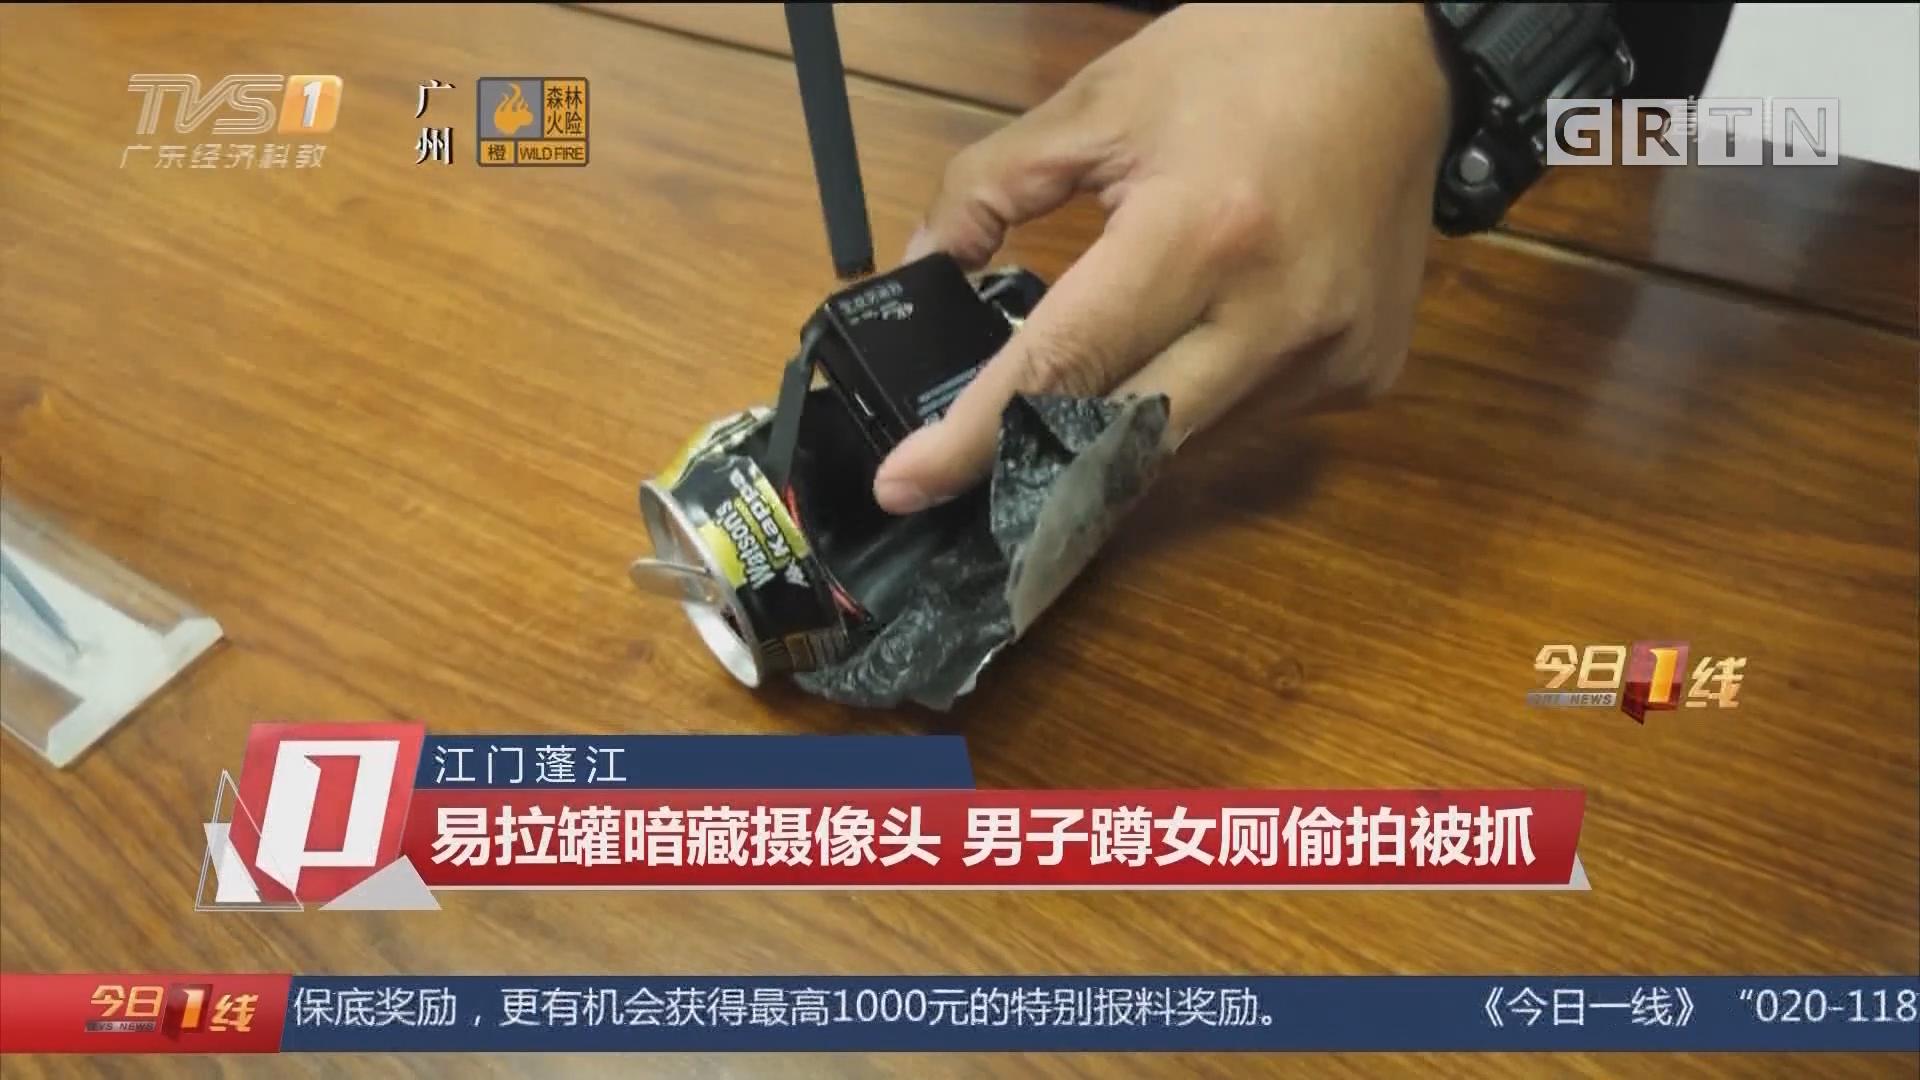 江門蓬江:易拉罐暗藏攝像頭 男子蹲女廁偷拍被抓